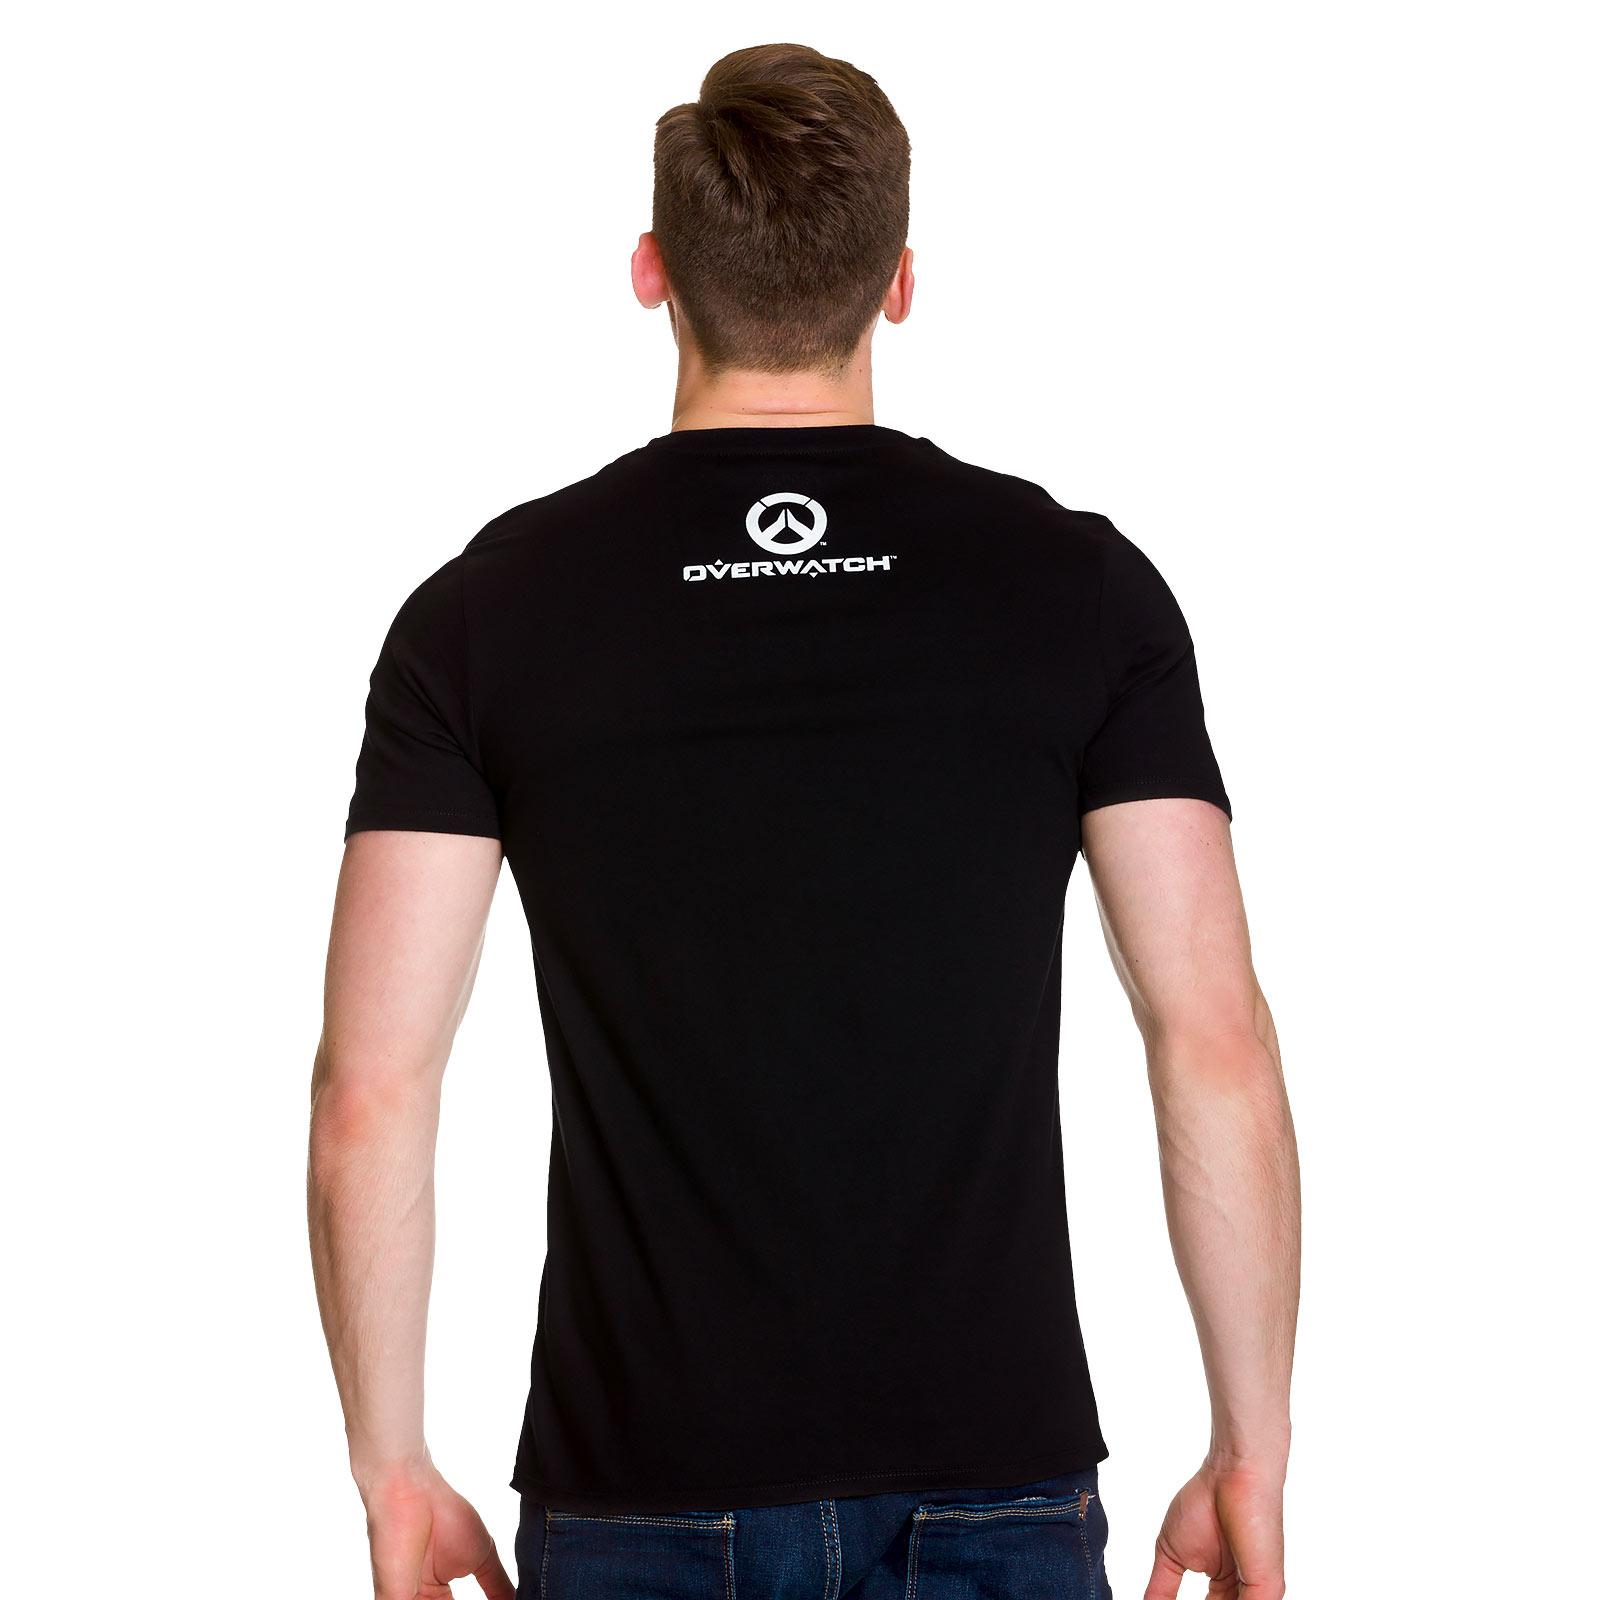 Overwatch - Torbjörns Workshop T-Shirt schwarz